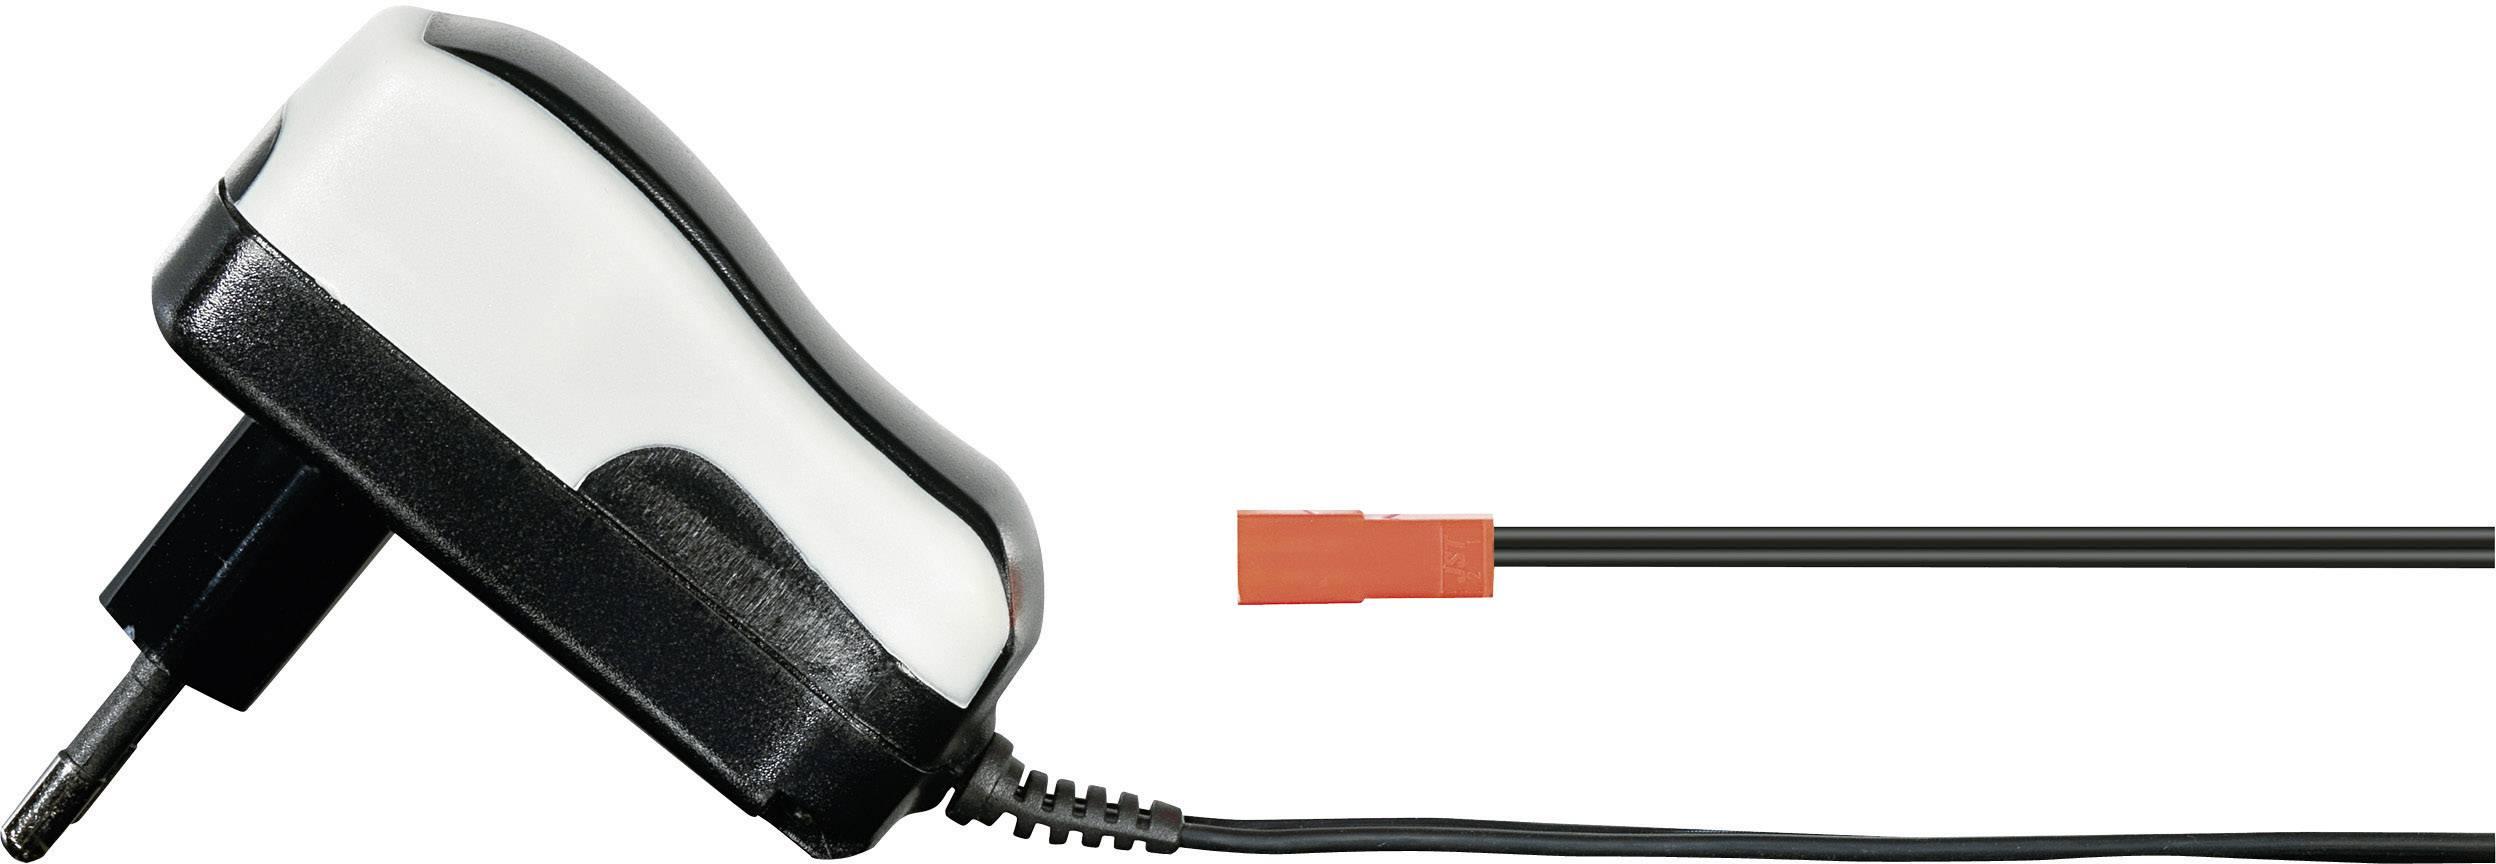 Modelárska nabíjačka VOLTCRAFT 220 V, 0.6 A